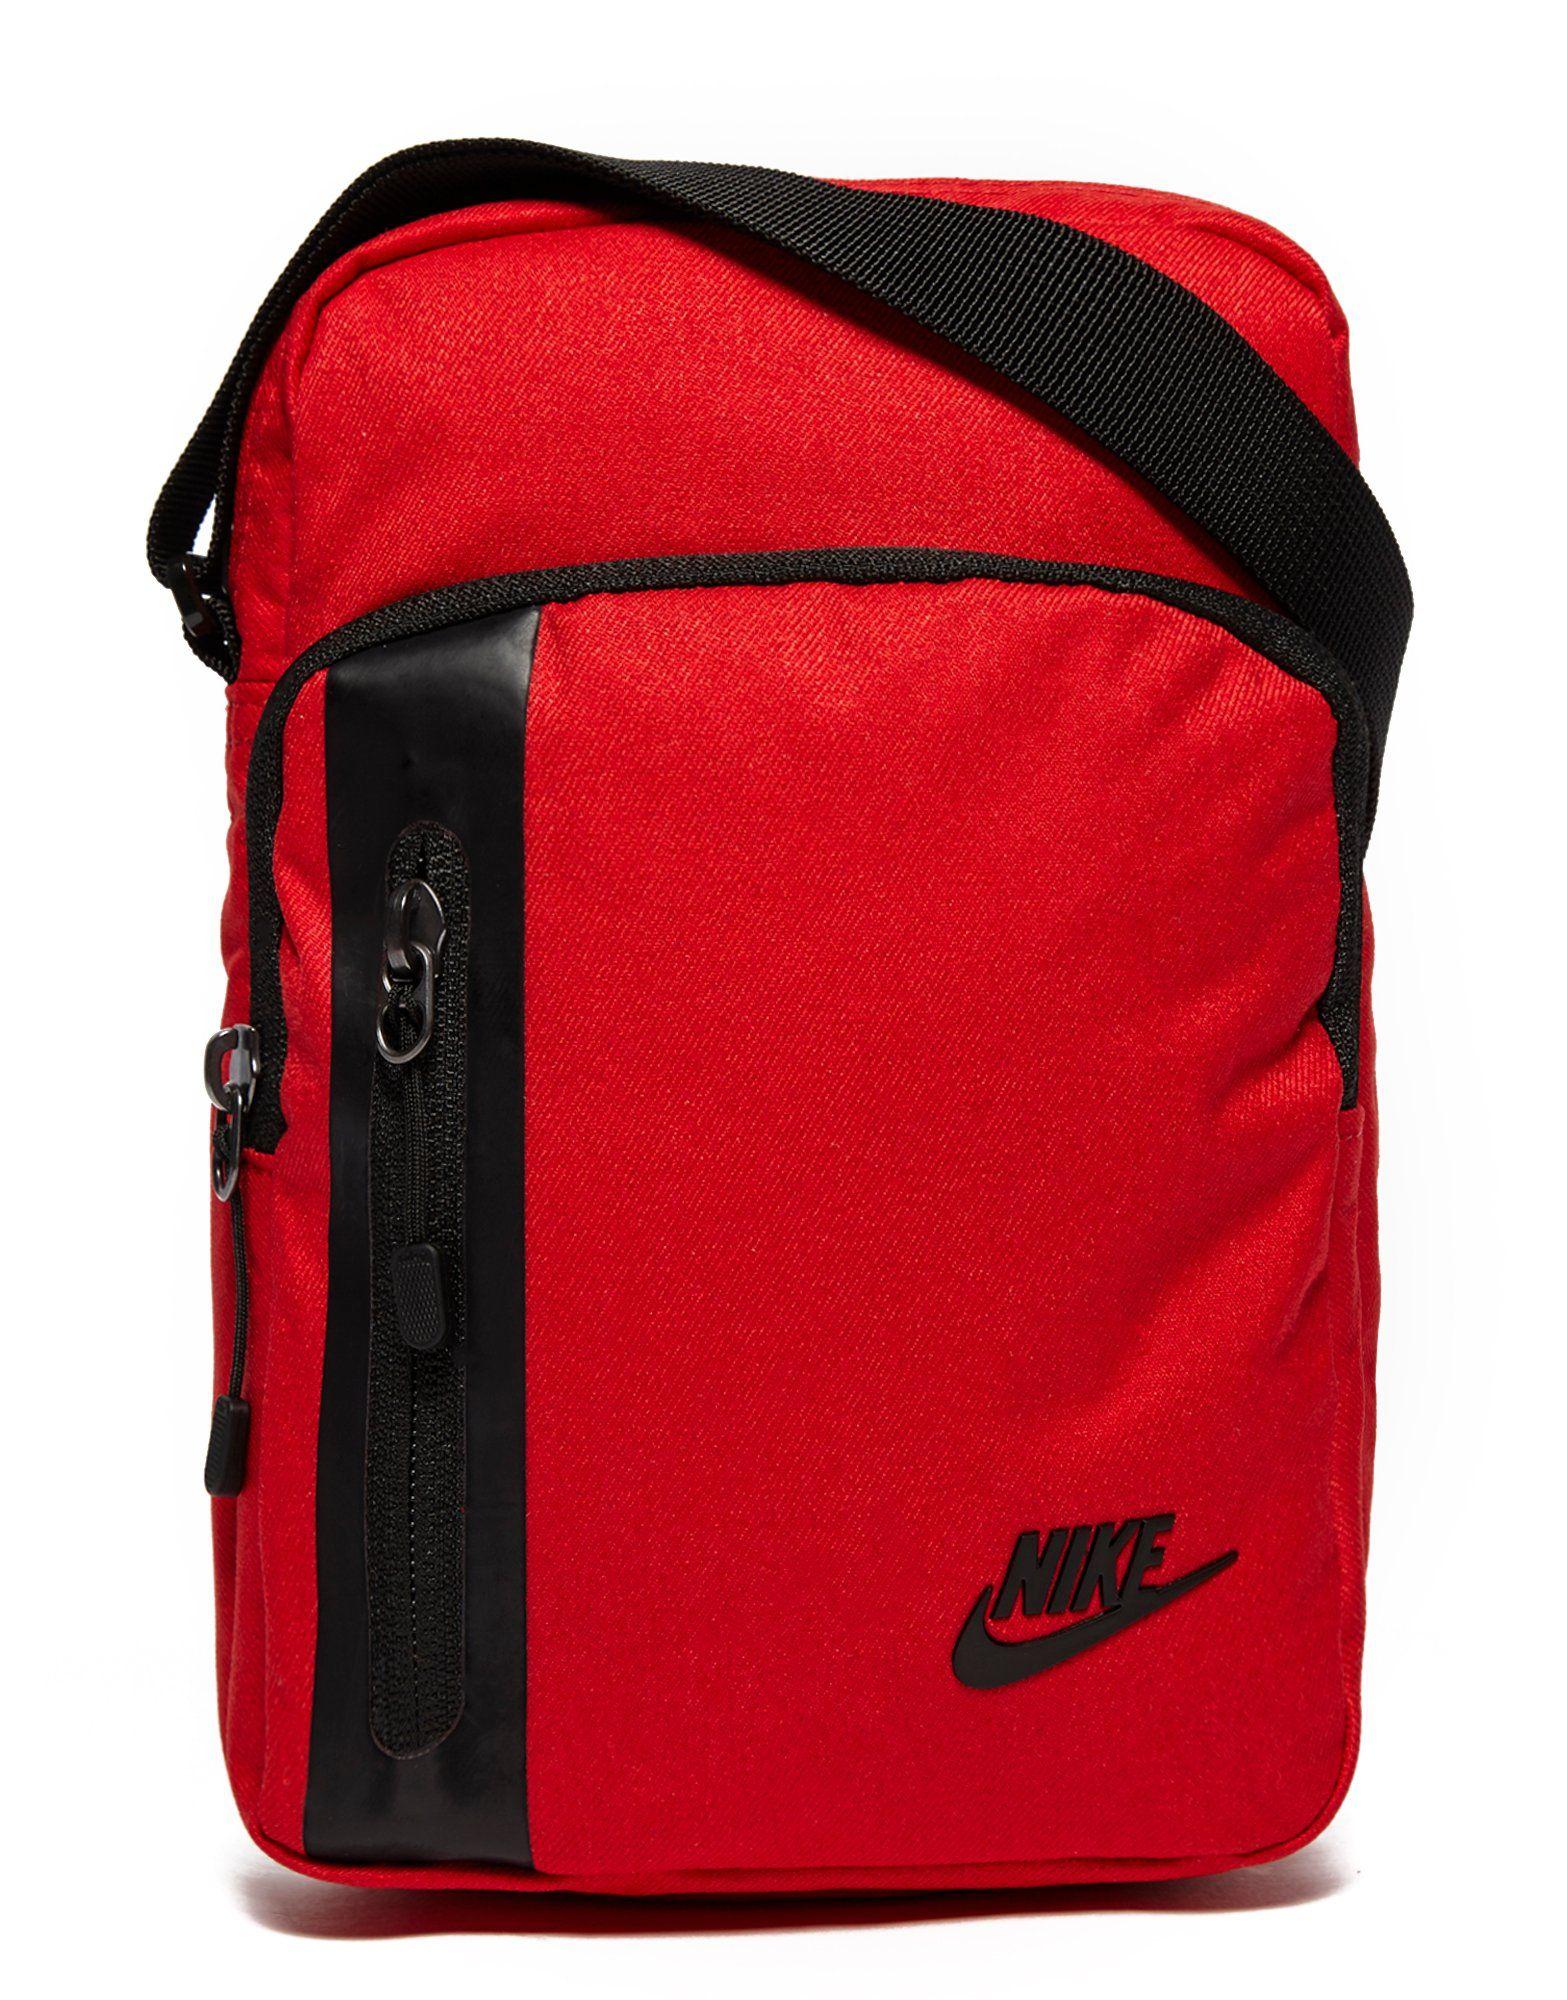 ffa5757e33 Nike Core Small 3.0 Pouch Bag